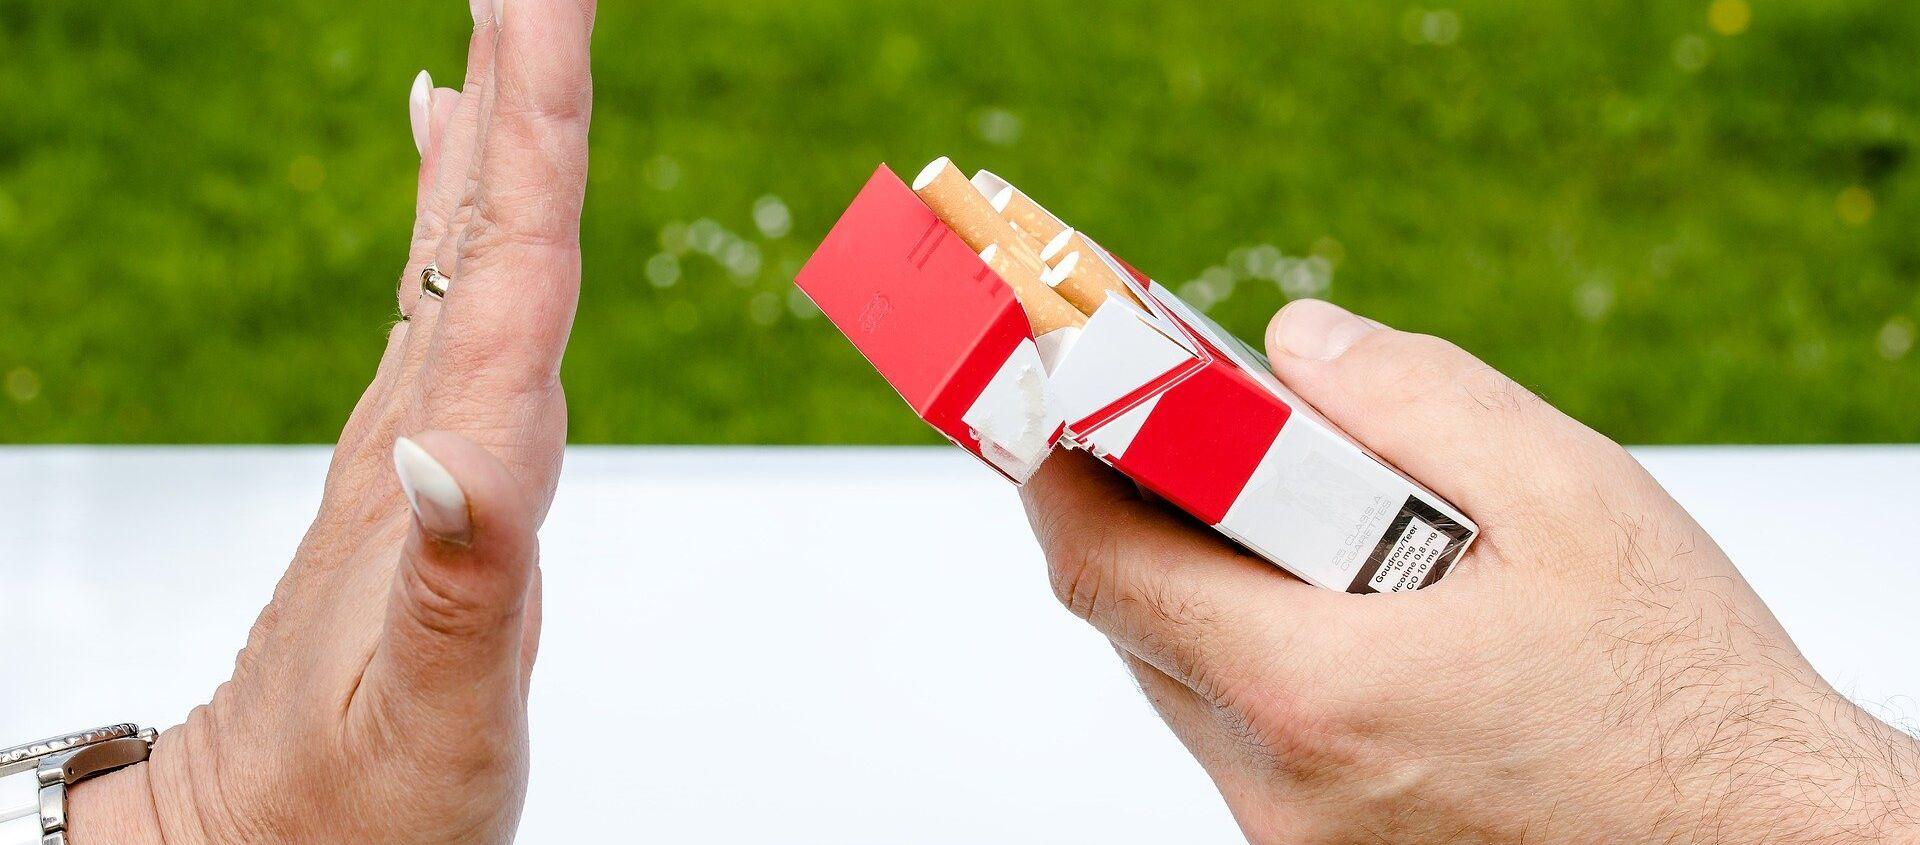 Lucha contra el tabaco (imagen referencial) - Sputnik Mundo, 1920, 05.02.2020